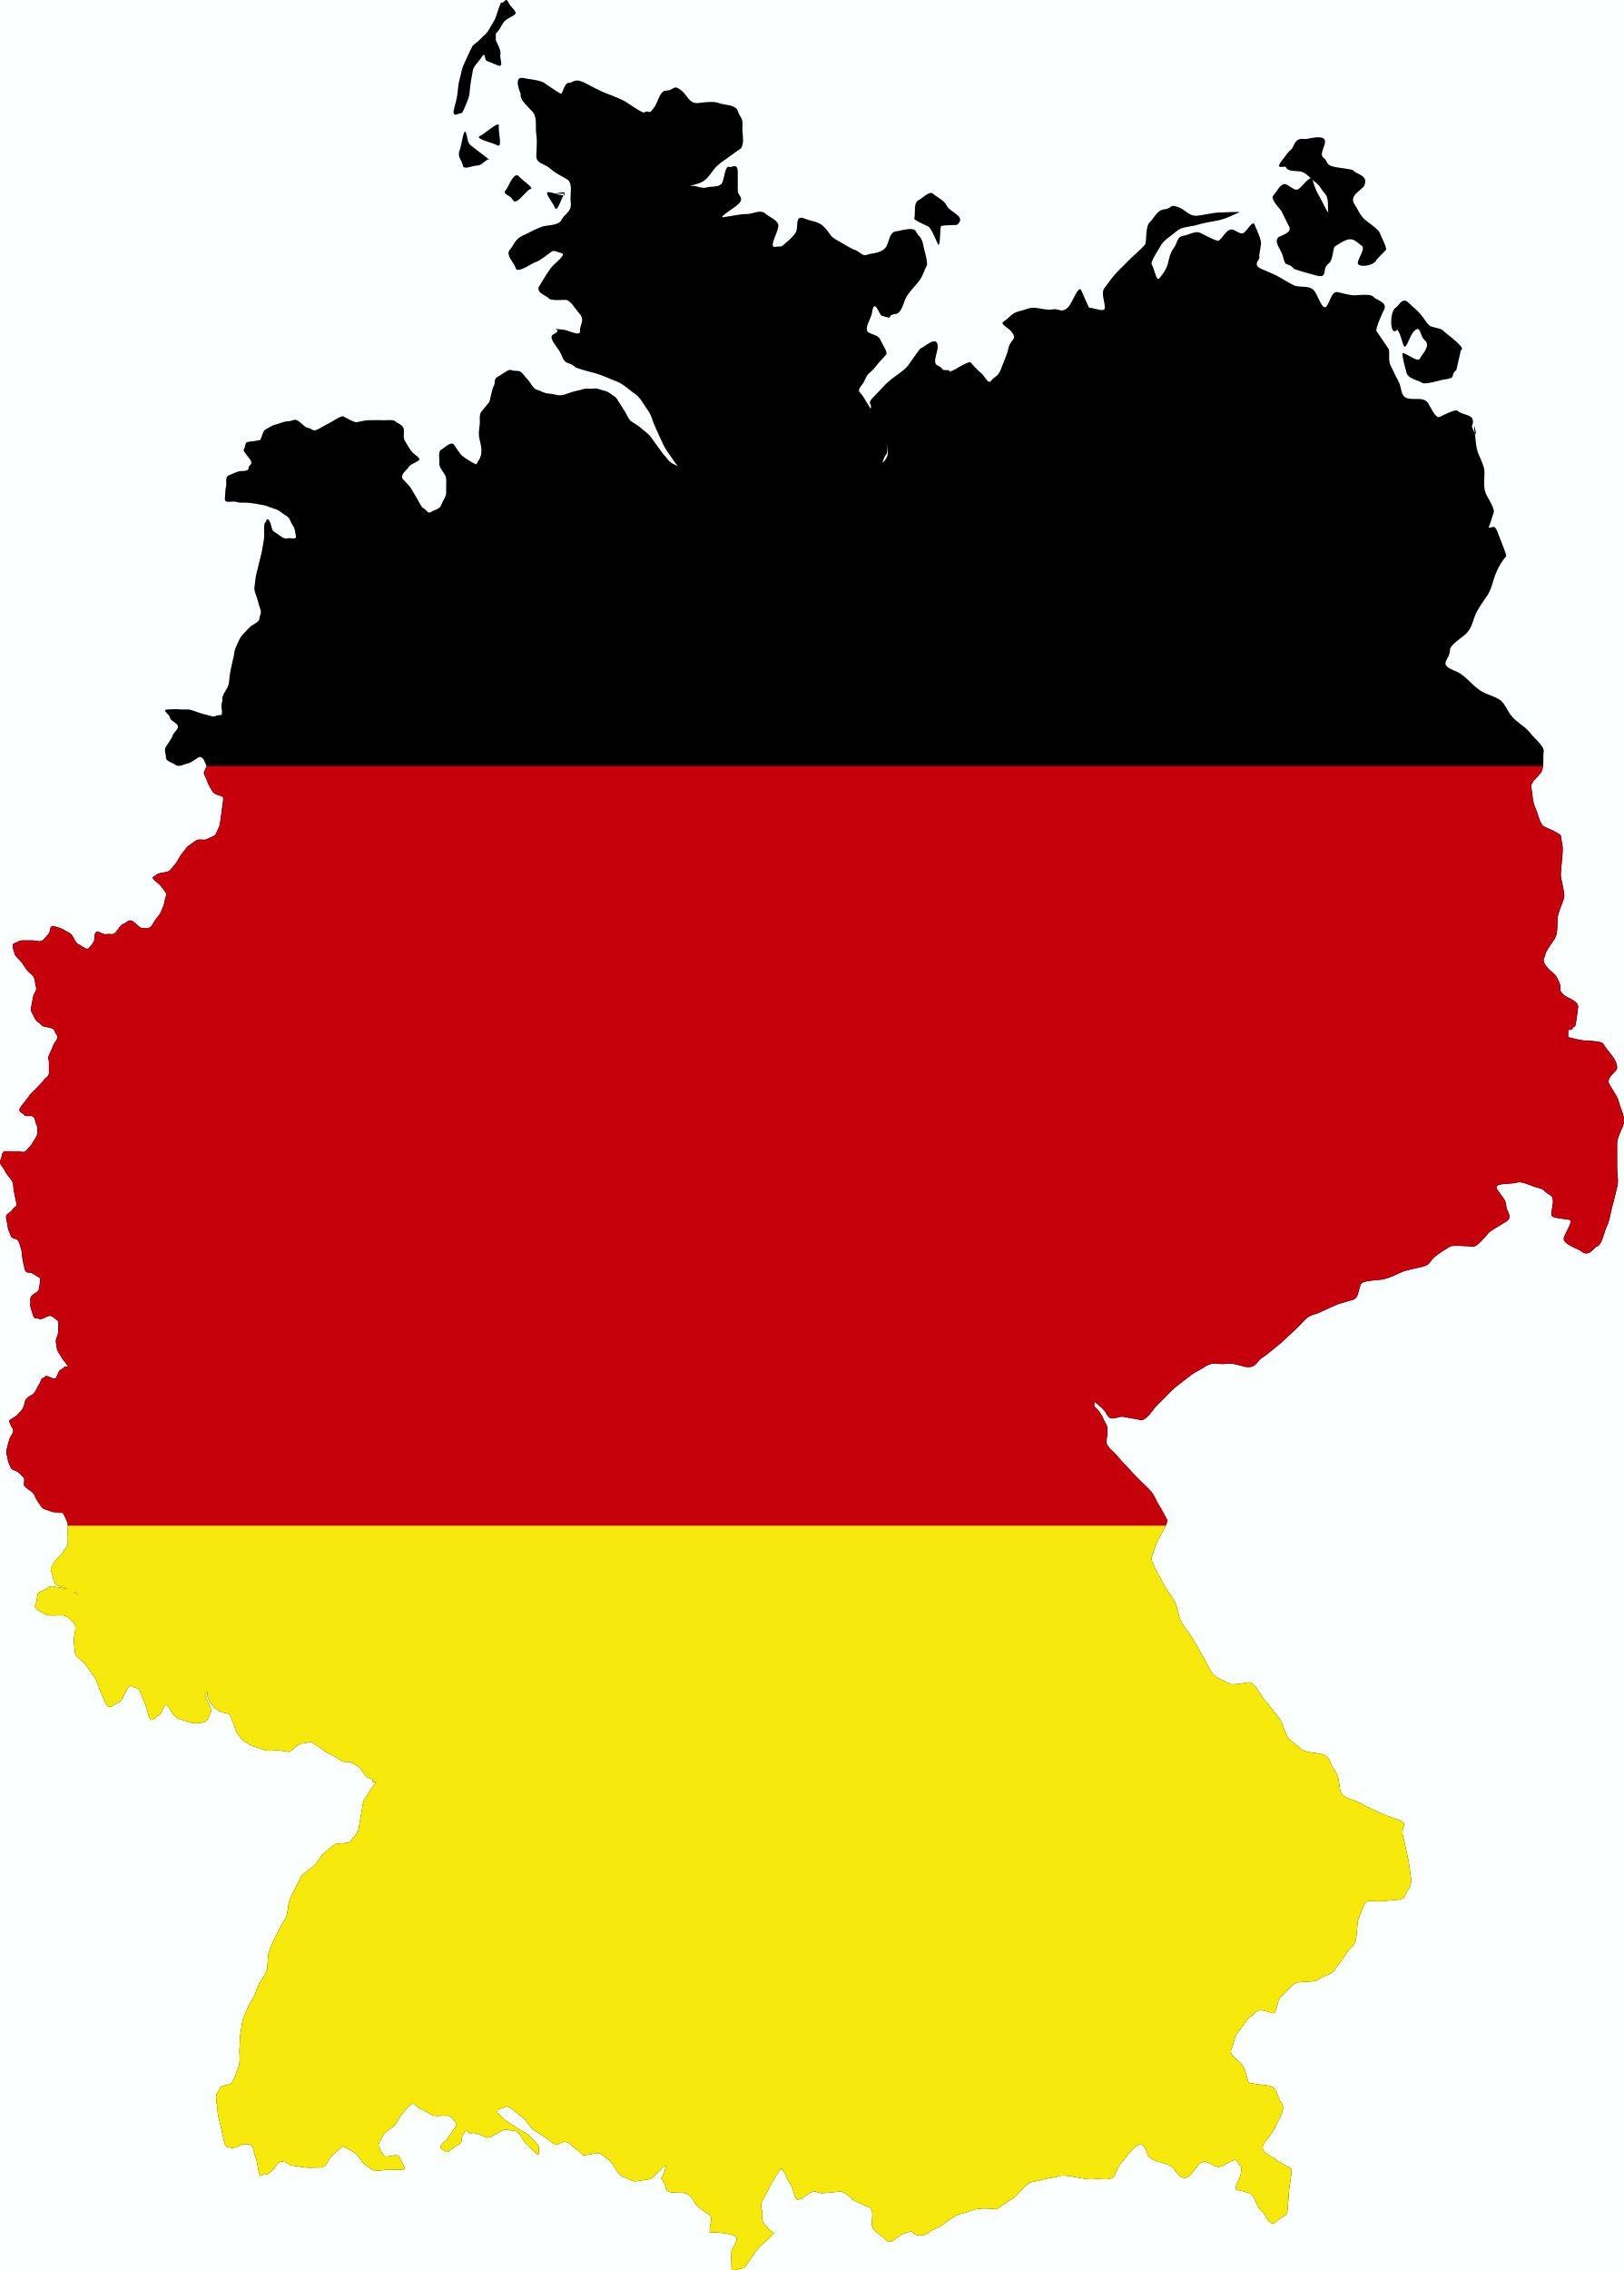 Aufkleber Deutschland Landkontur Dimension 70 x 55 mm Deutschland Fanartikel Olympia – Bild 1